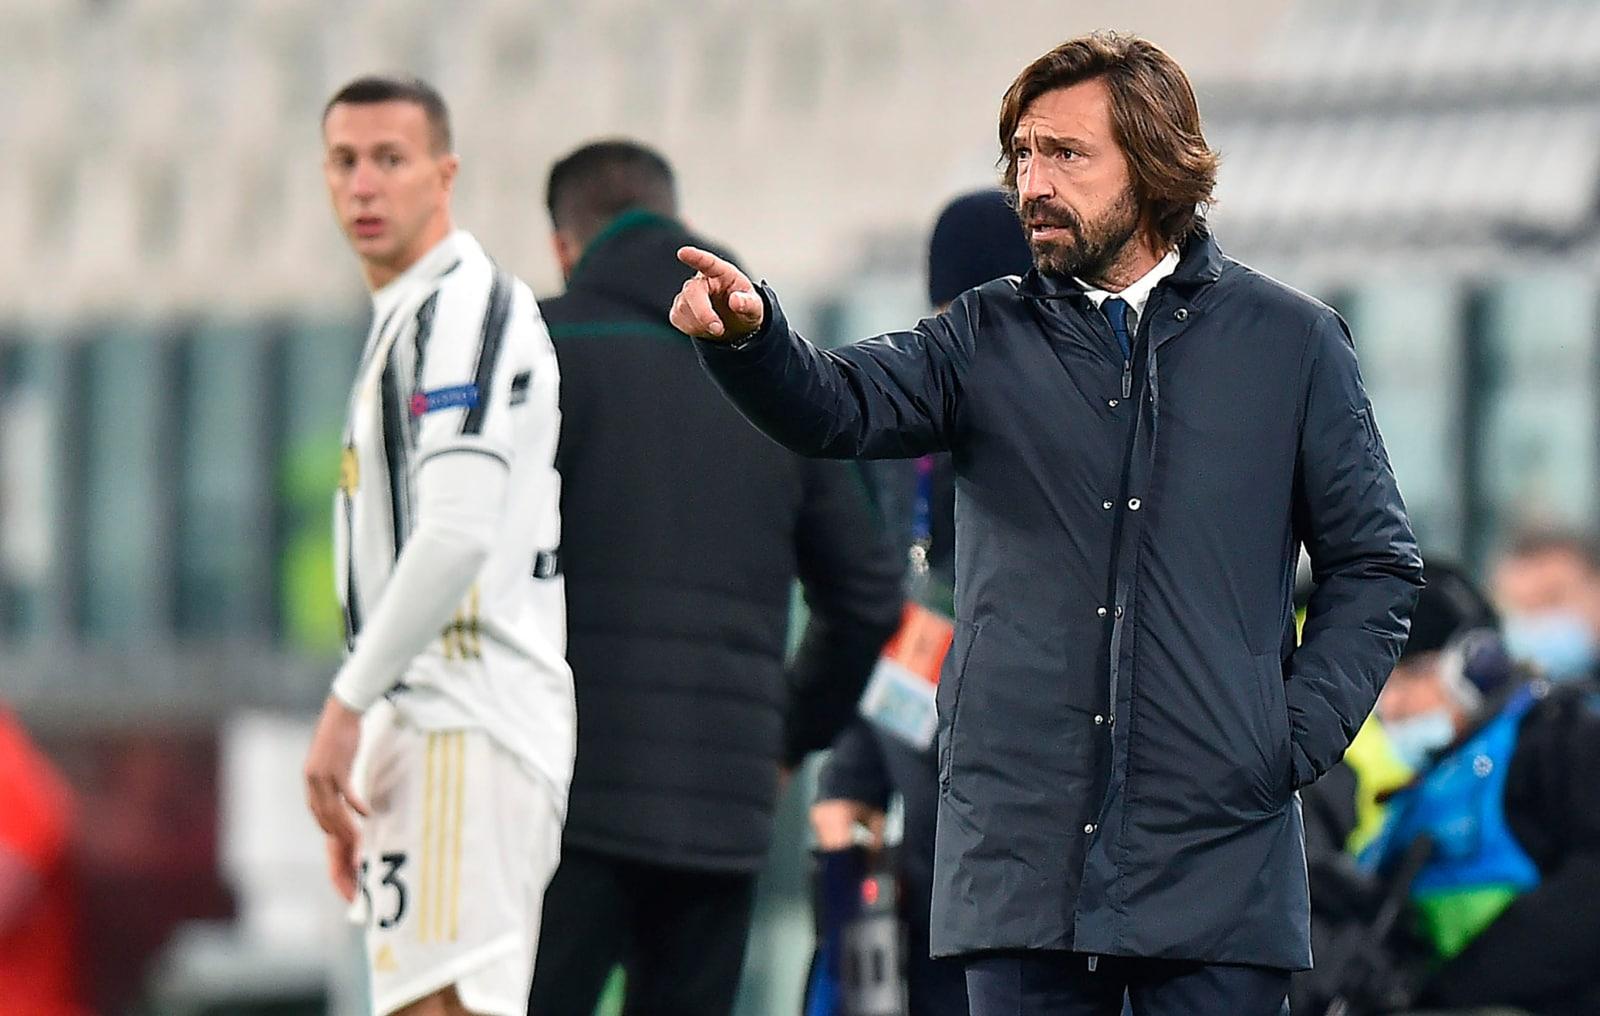 Juve-Torino, la formazione ufficiale di Pirlo